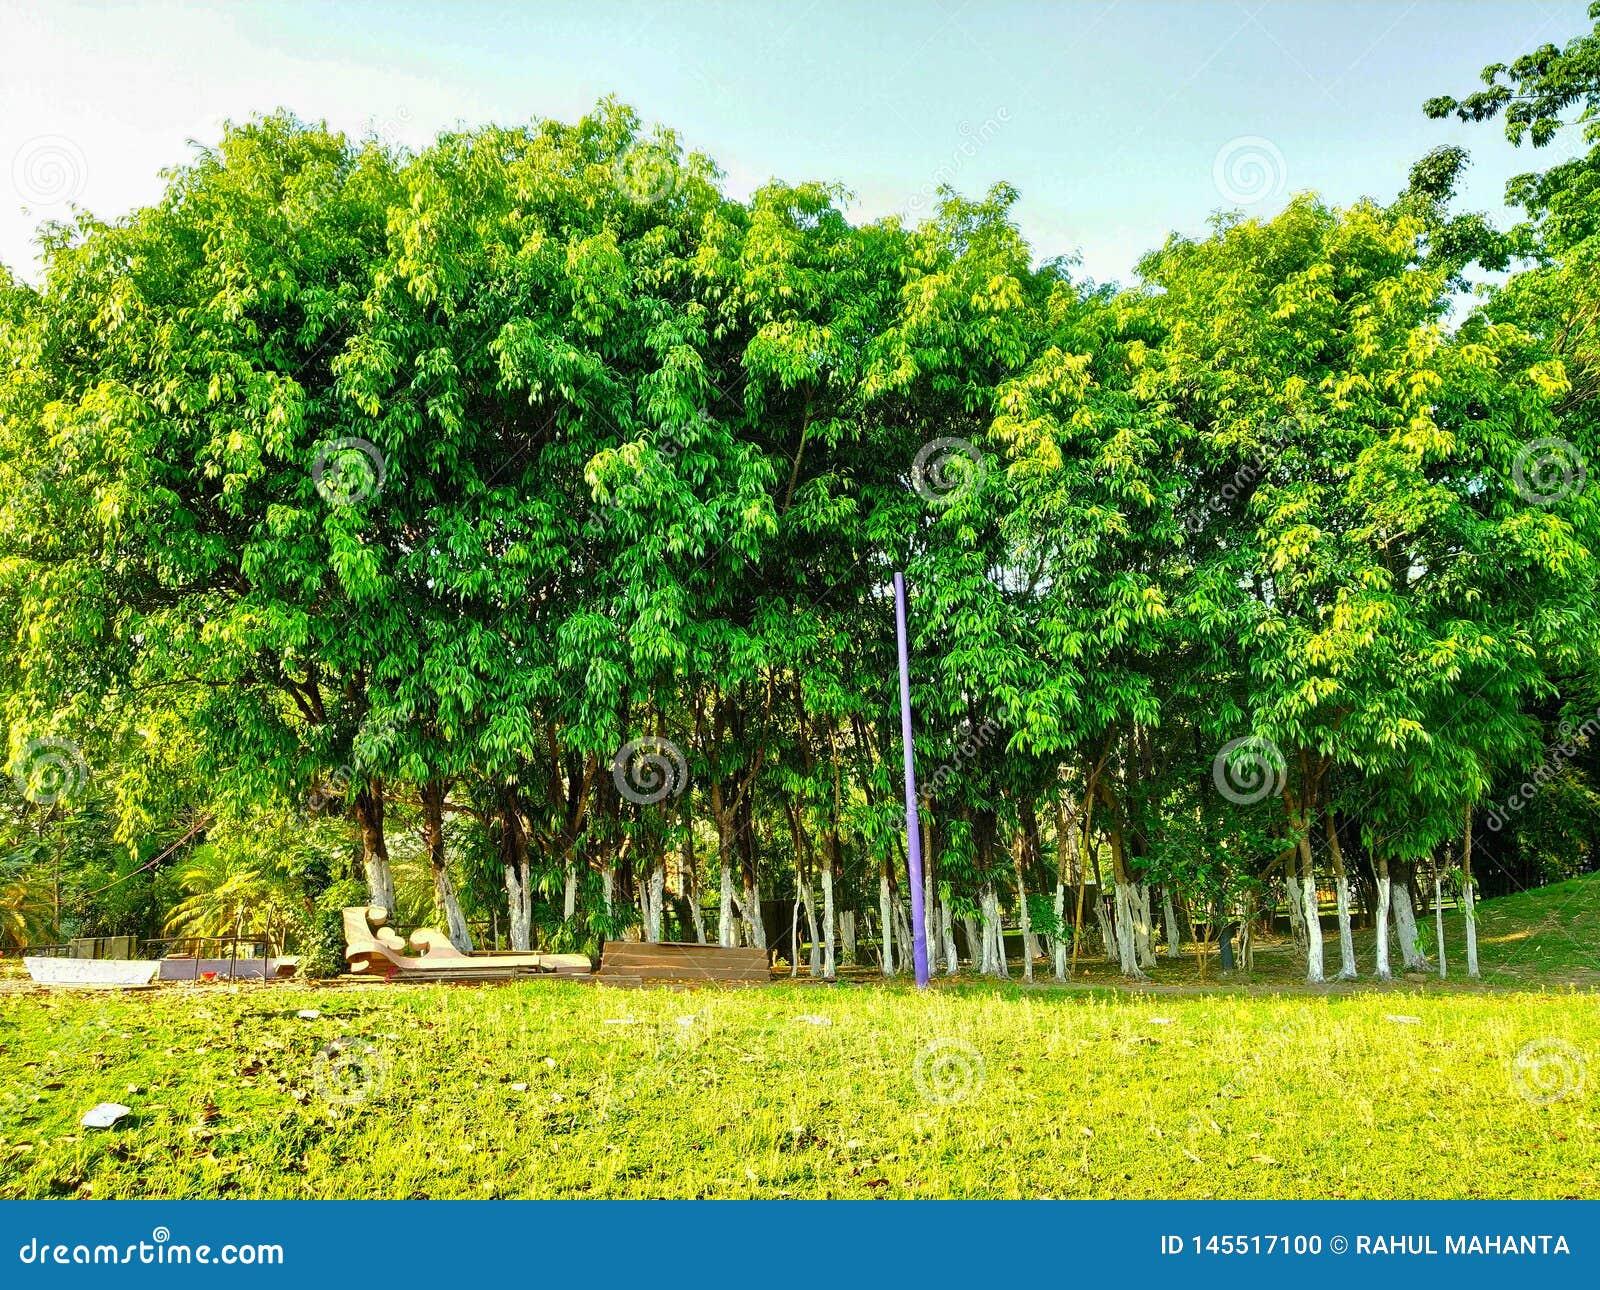 Mały las w ogródzie patrzeje w ten sposób pięknym i zielonego i błękitnego nieba tło widzieć był magiczny w ten sposób